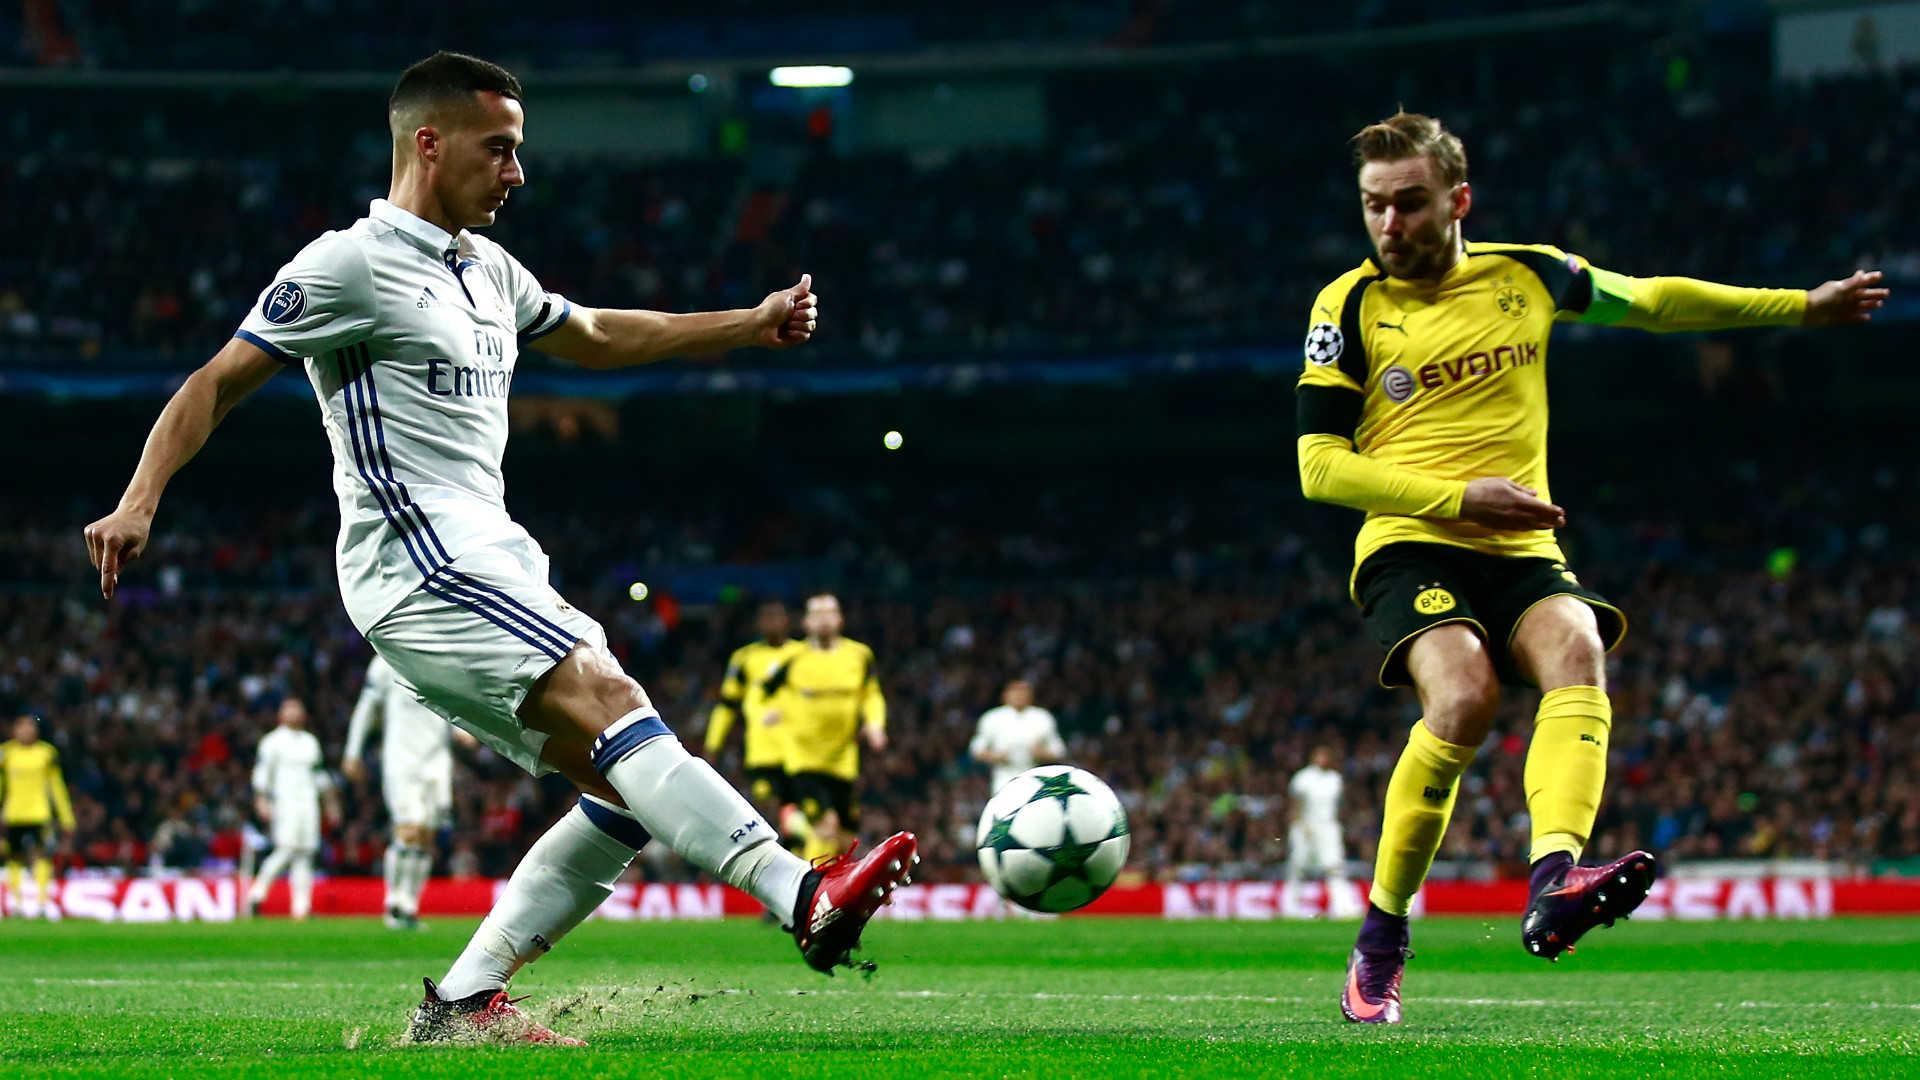 Nhận định Real Madrid vs Tottenham: 1h45 ngày 18-10, Tranh ngôi đầu bảng